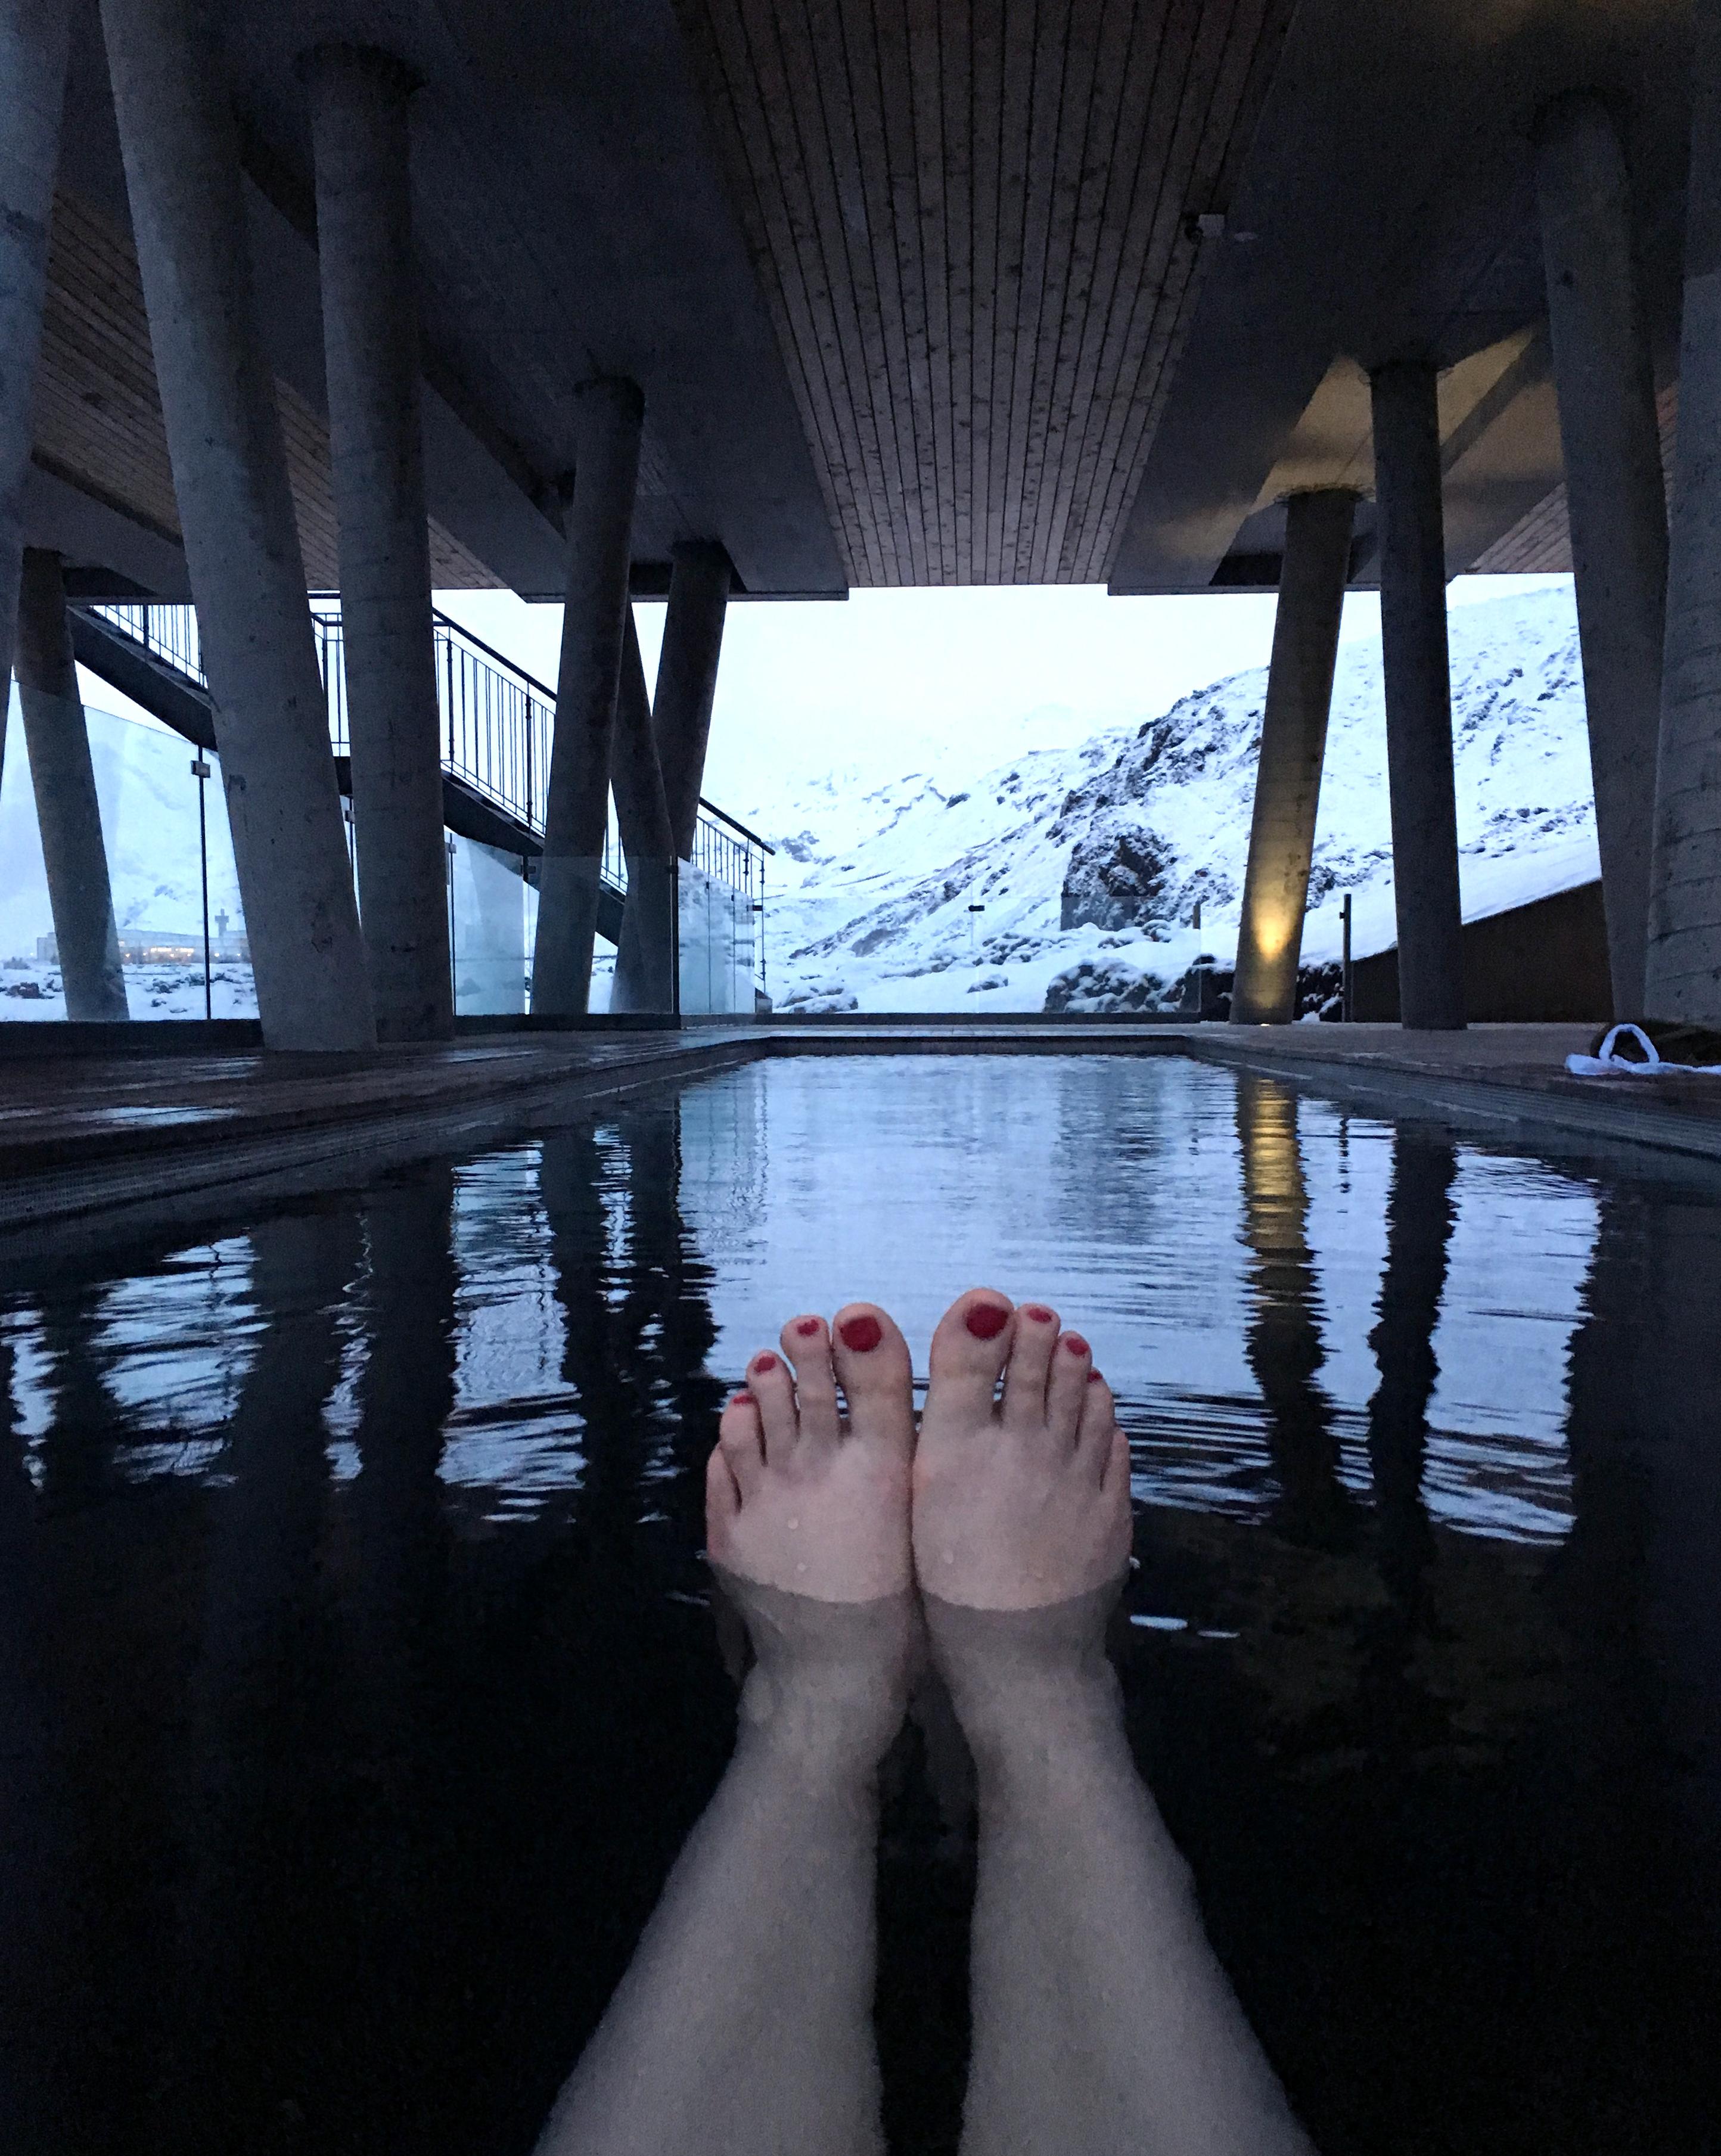 maybeyoulike_Iceland_ION_Hotel11